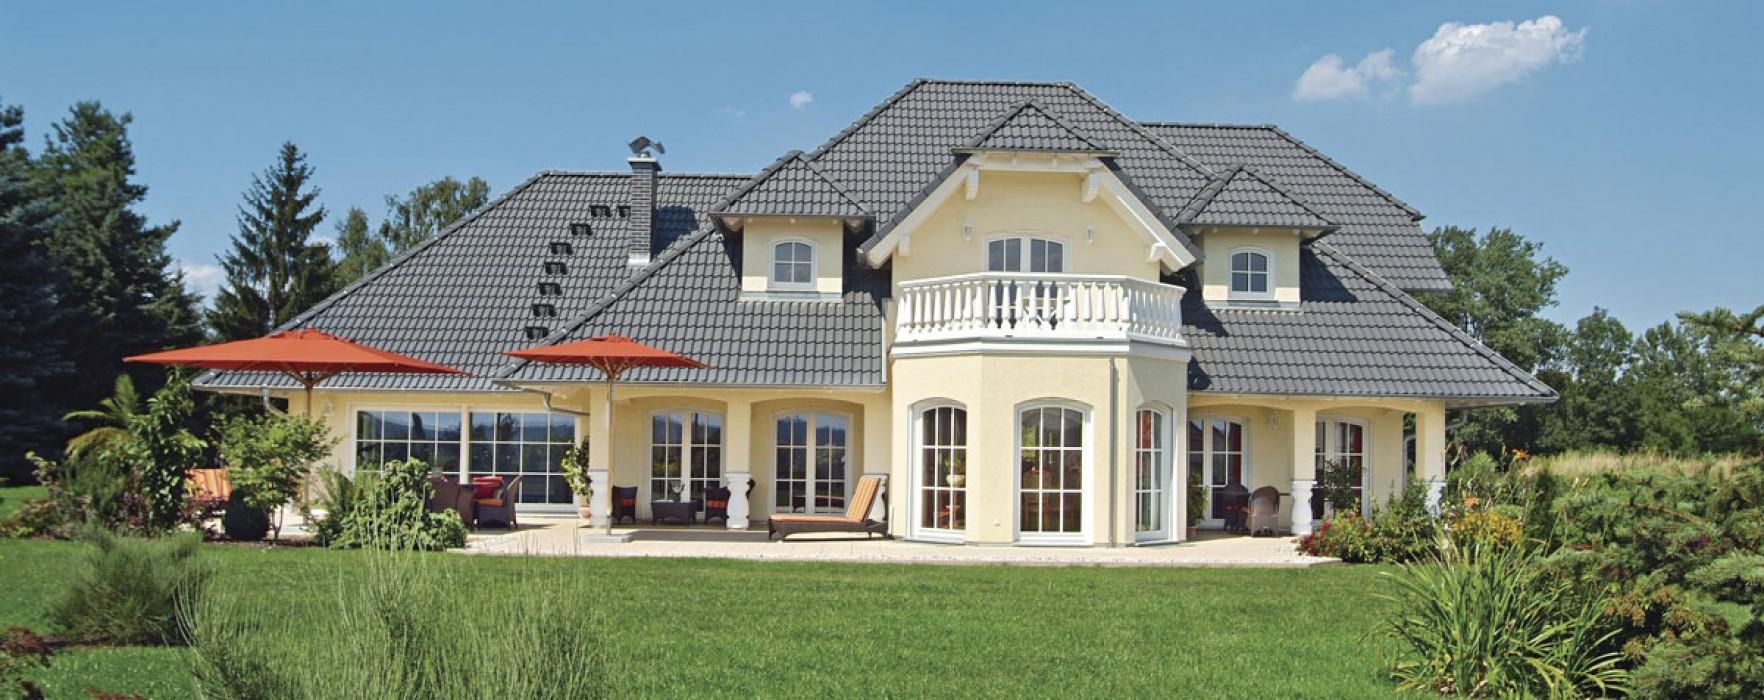 Case di legno pareti esterne lato interno for Case esterne moderne